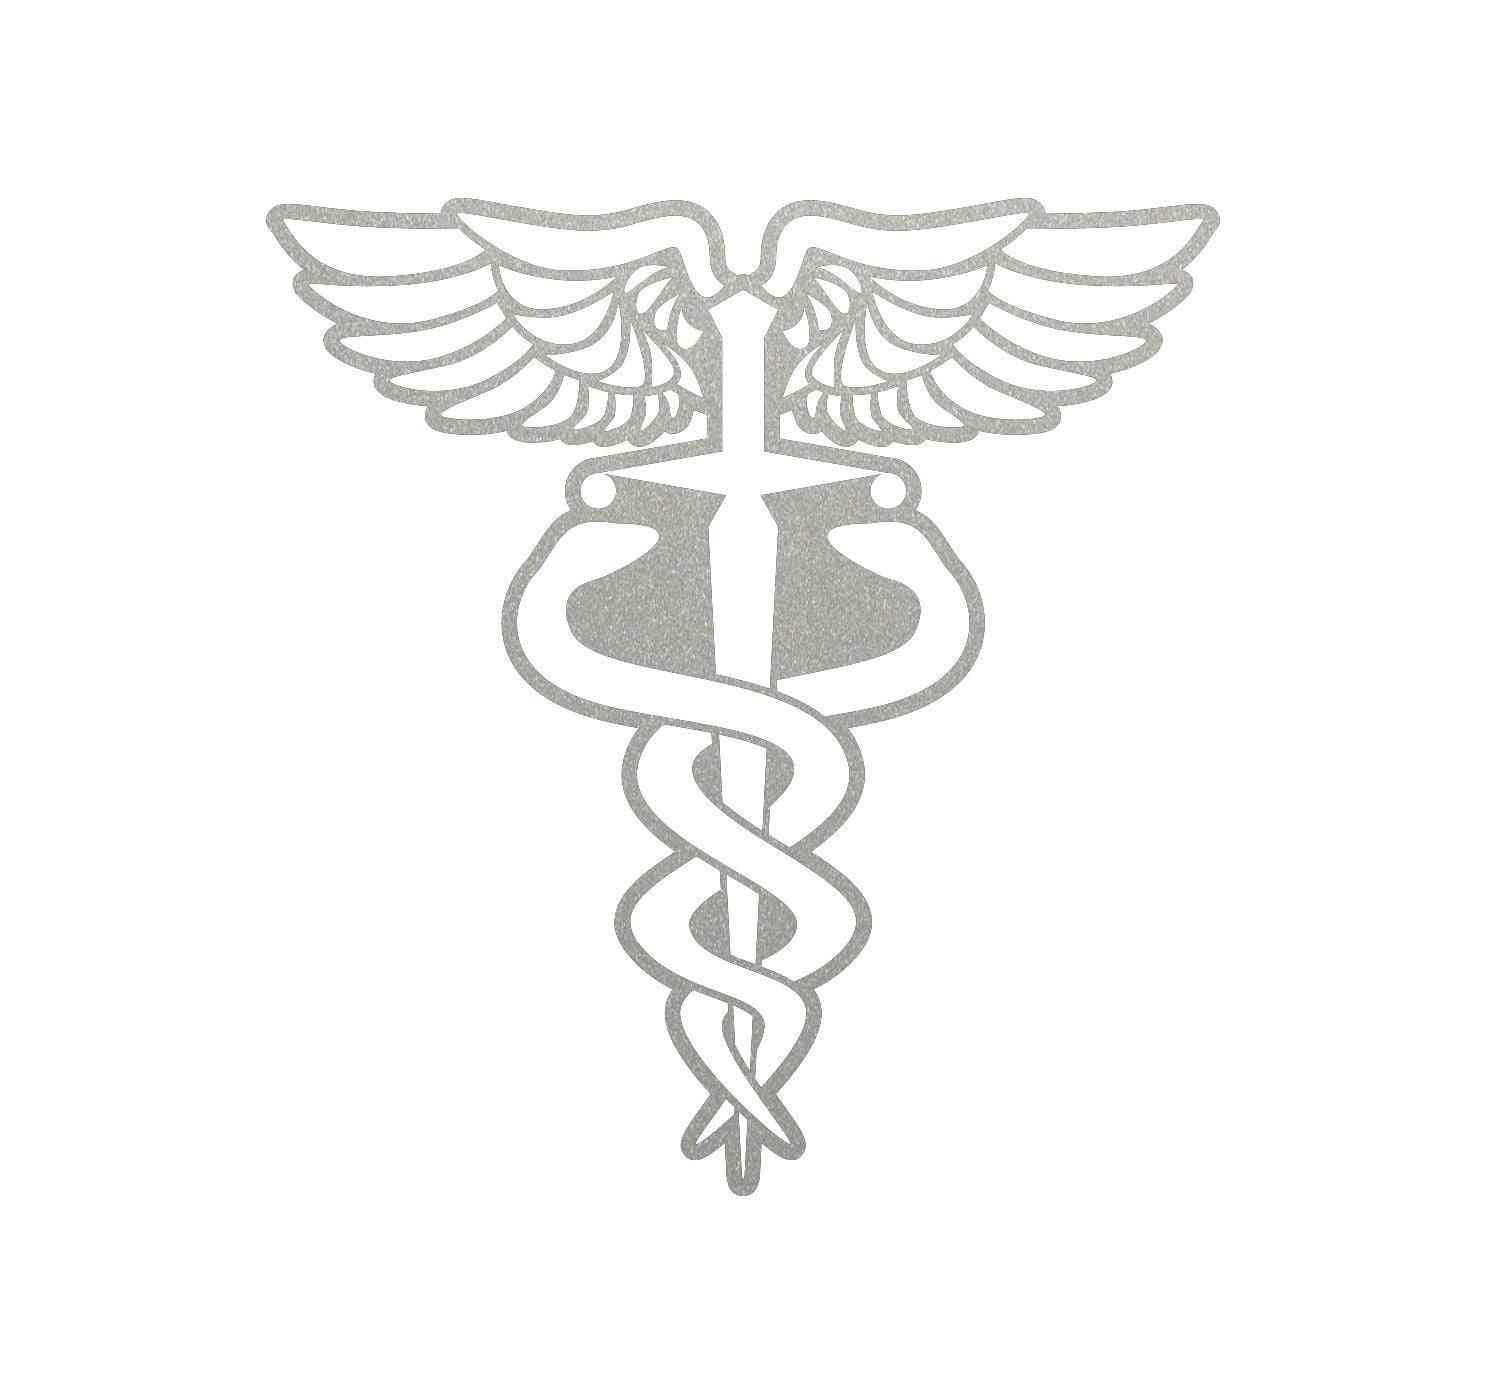 Medical Symbol - Doctor/nurse/emt